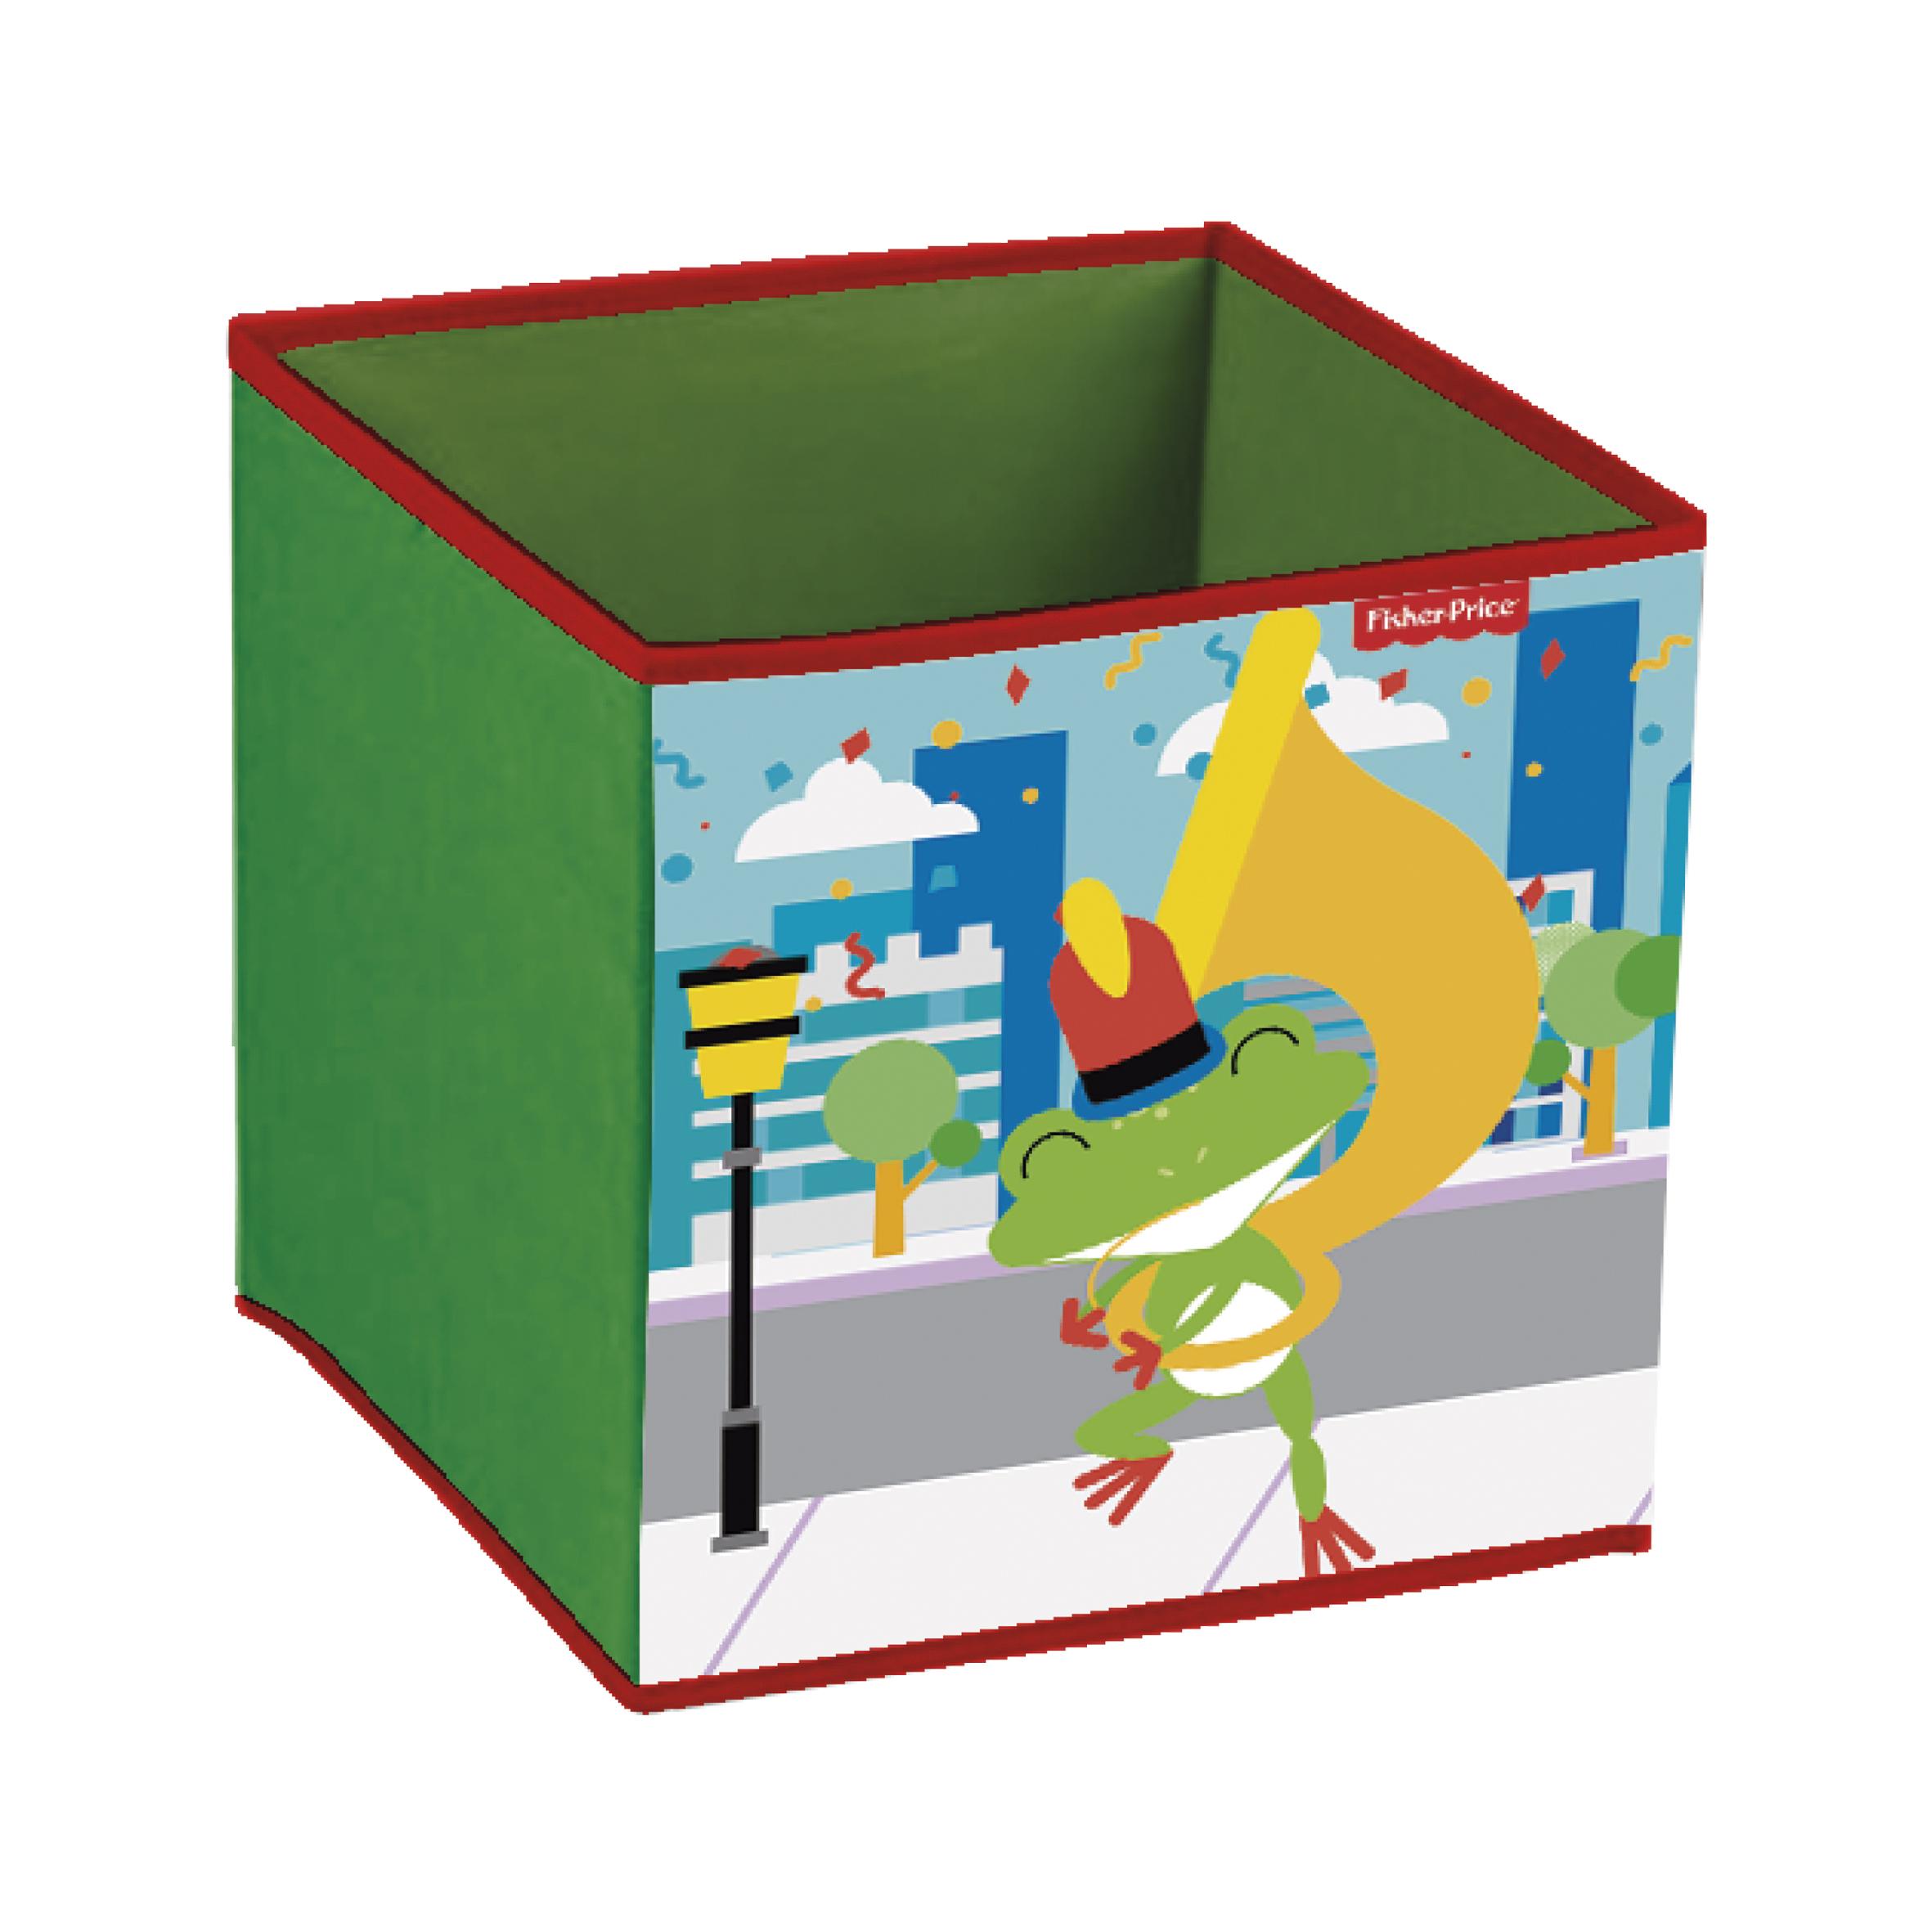 Úložný box na hračky Fisher Price - Žaba